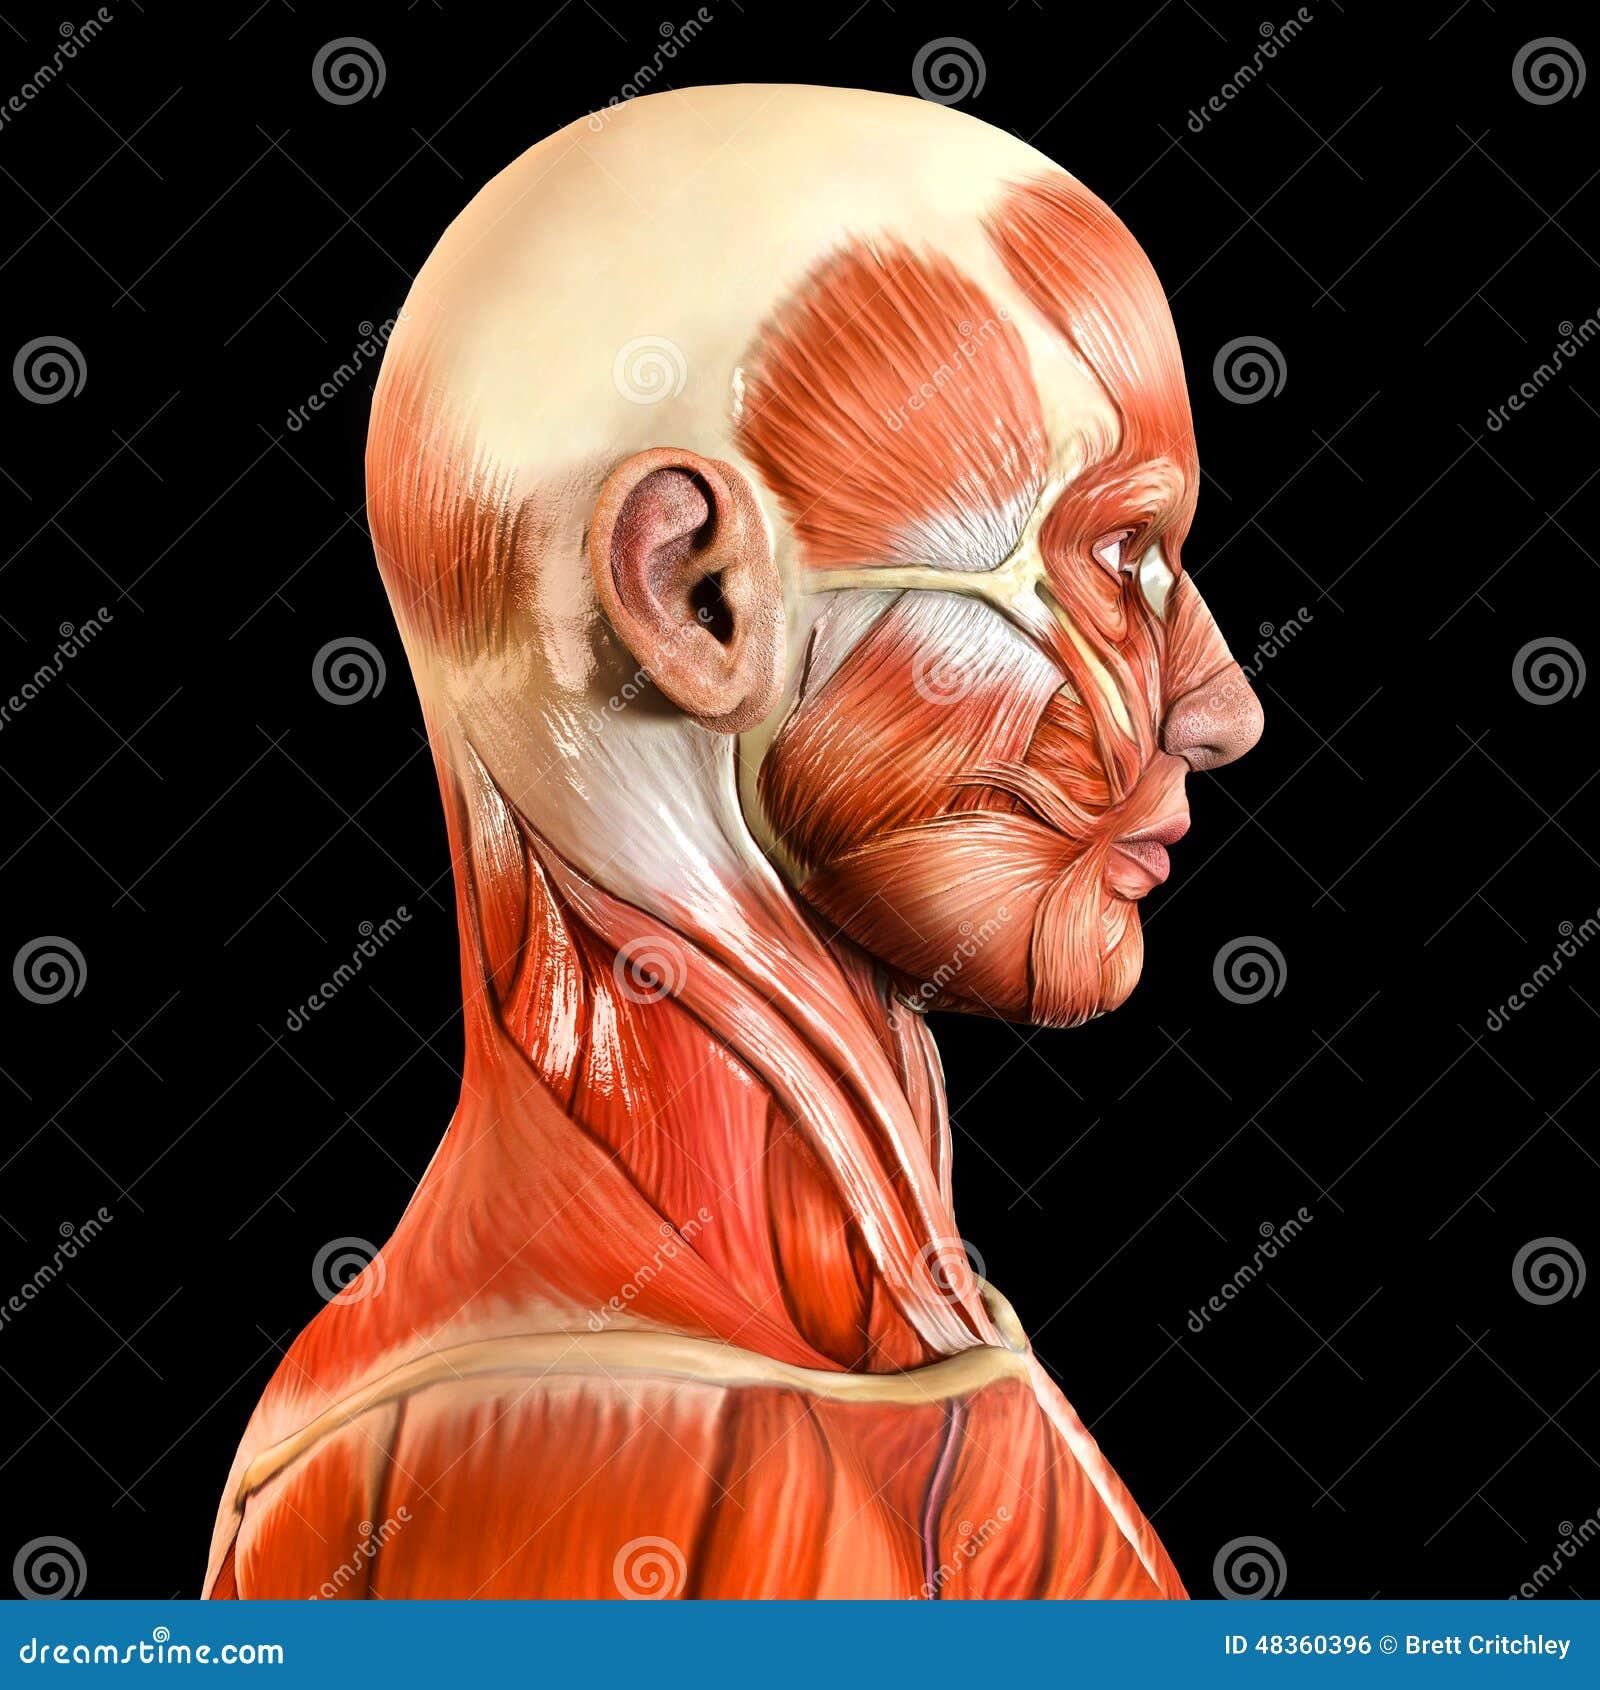 Magnífico Anatomía De La Piel Facial Fotos - Imágenes de Anatomía ...